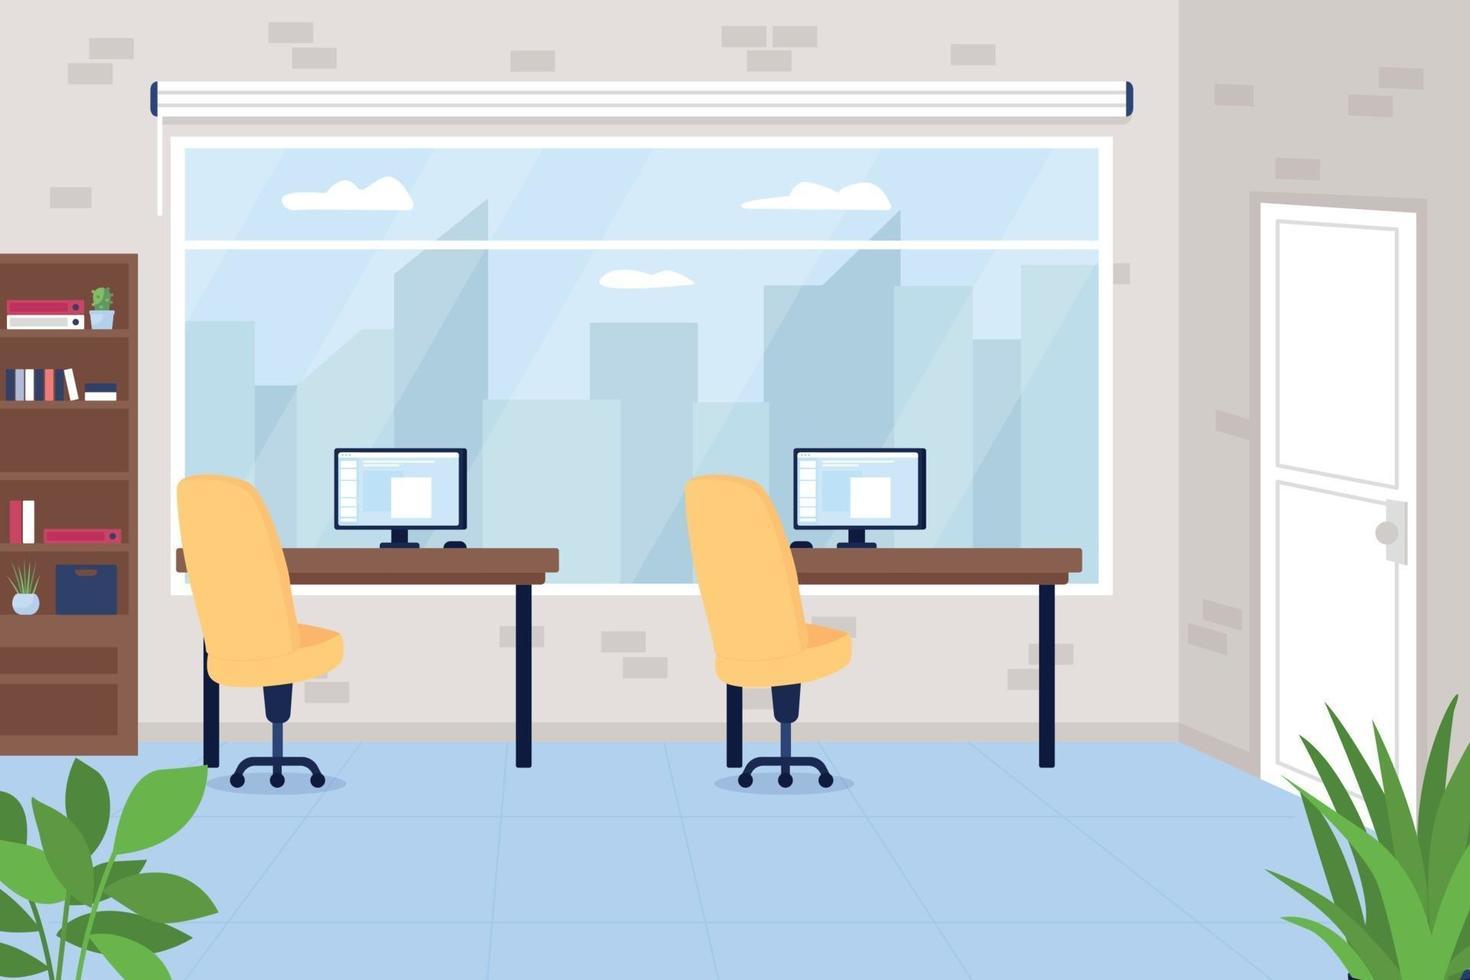 Espacio de trabajo de oficina con escritorios ilustración de vector de color plano